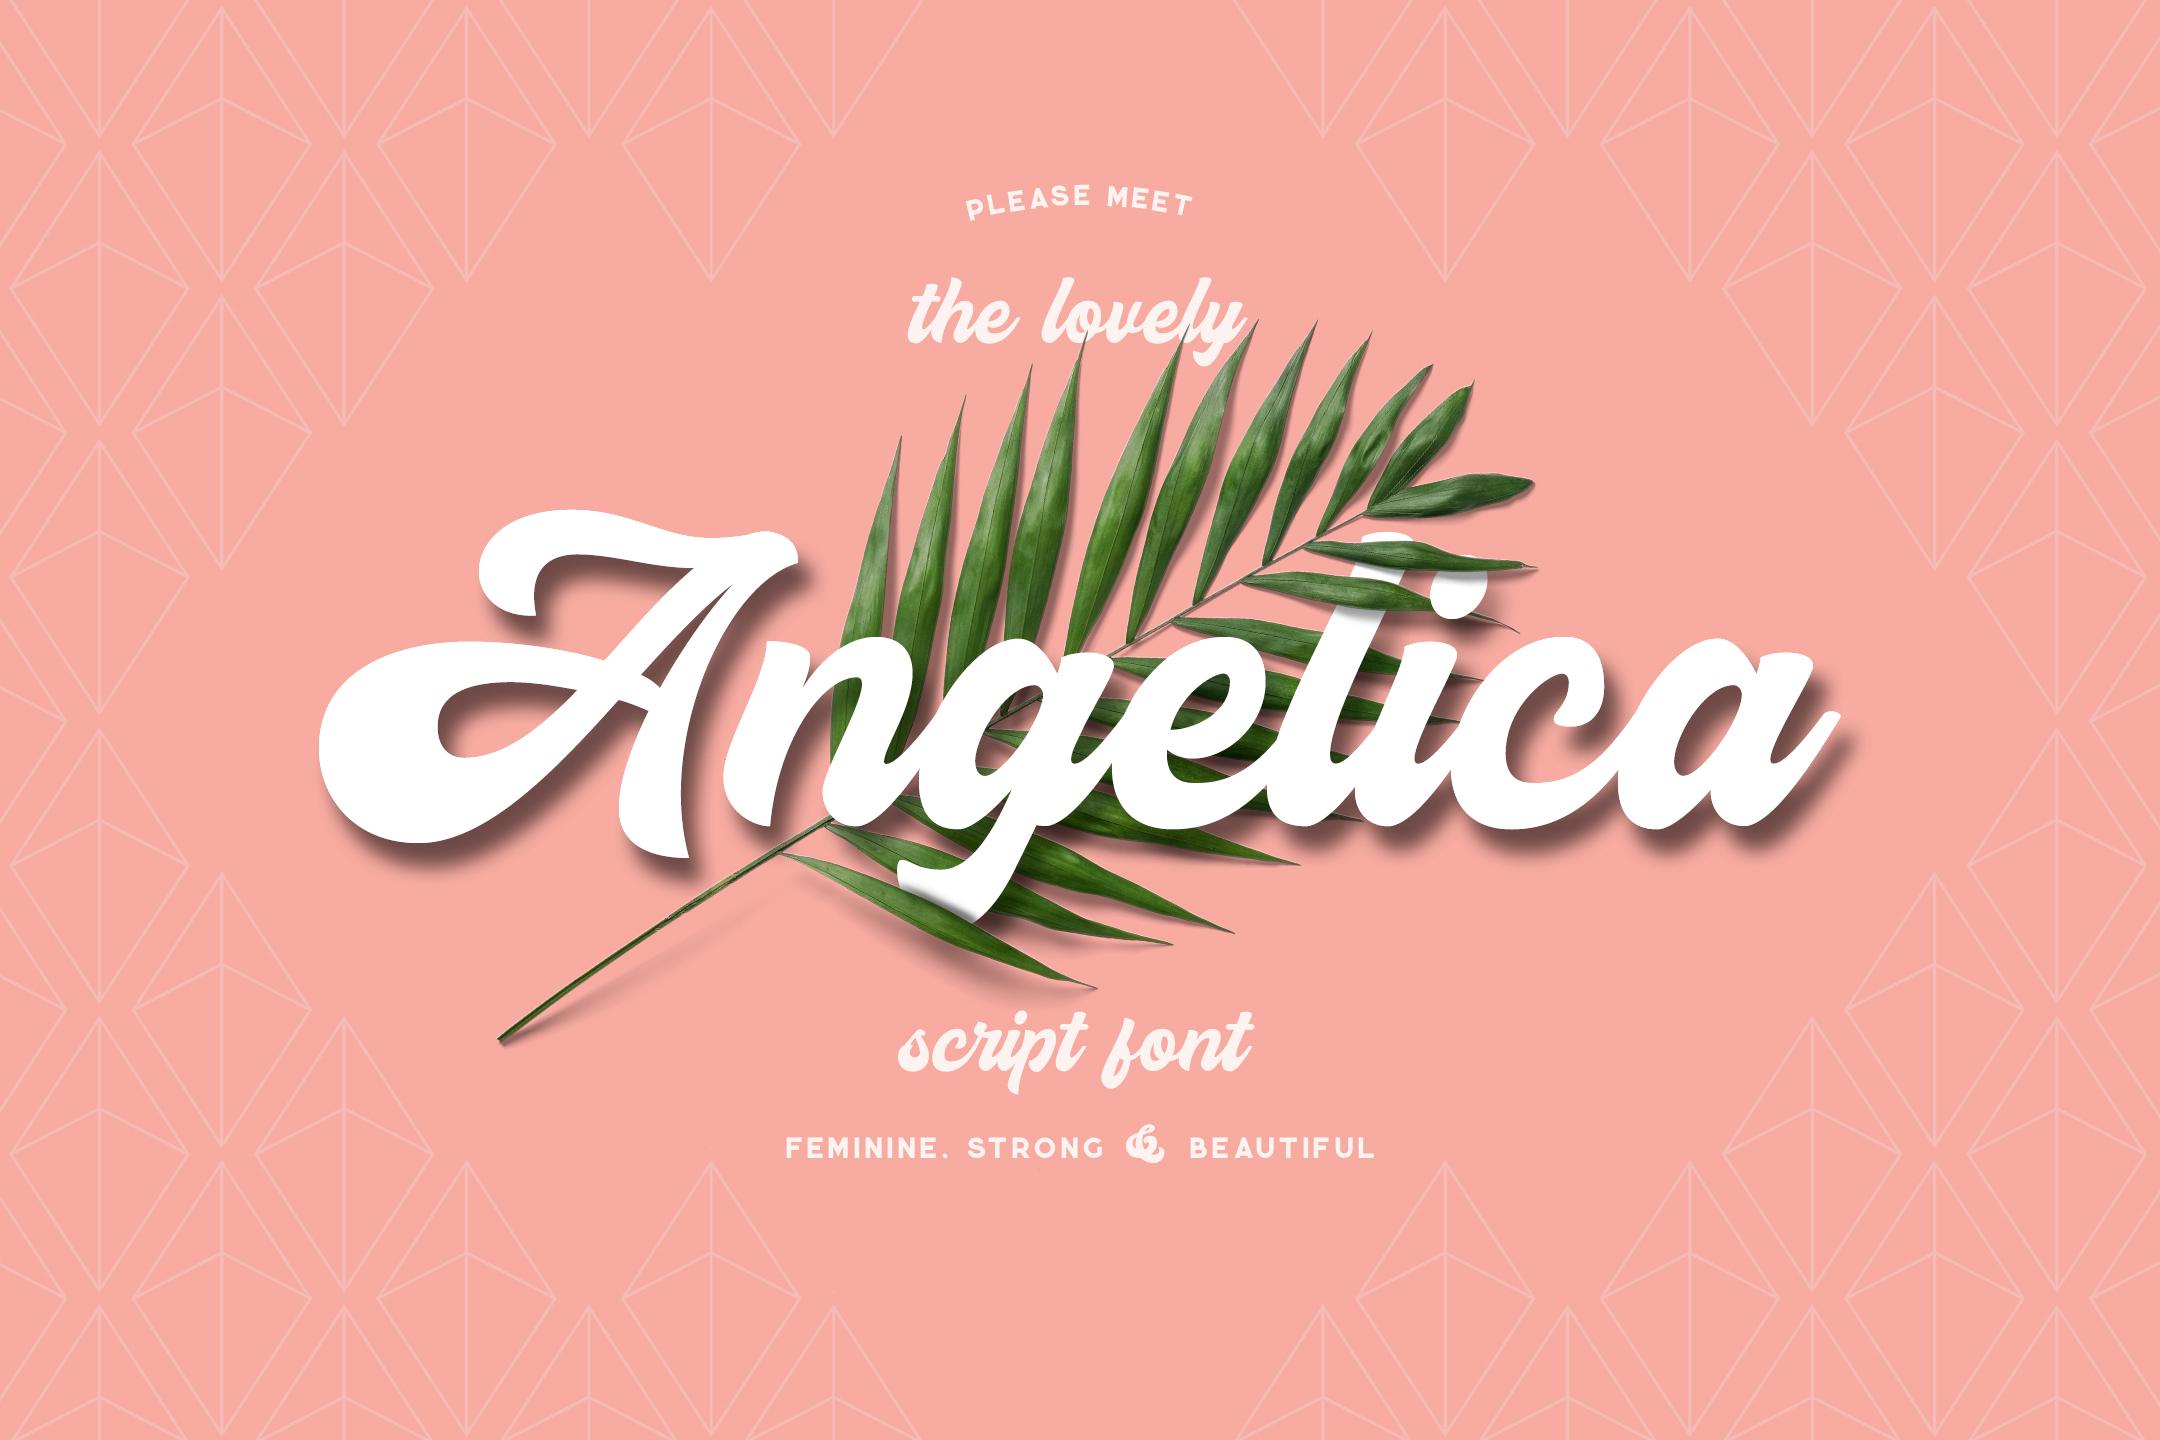 Angelica example 1